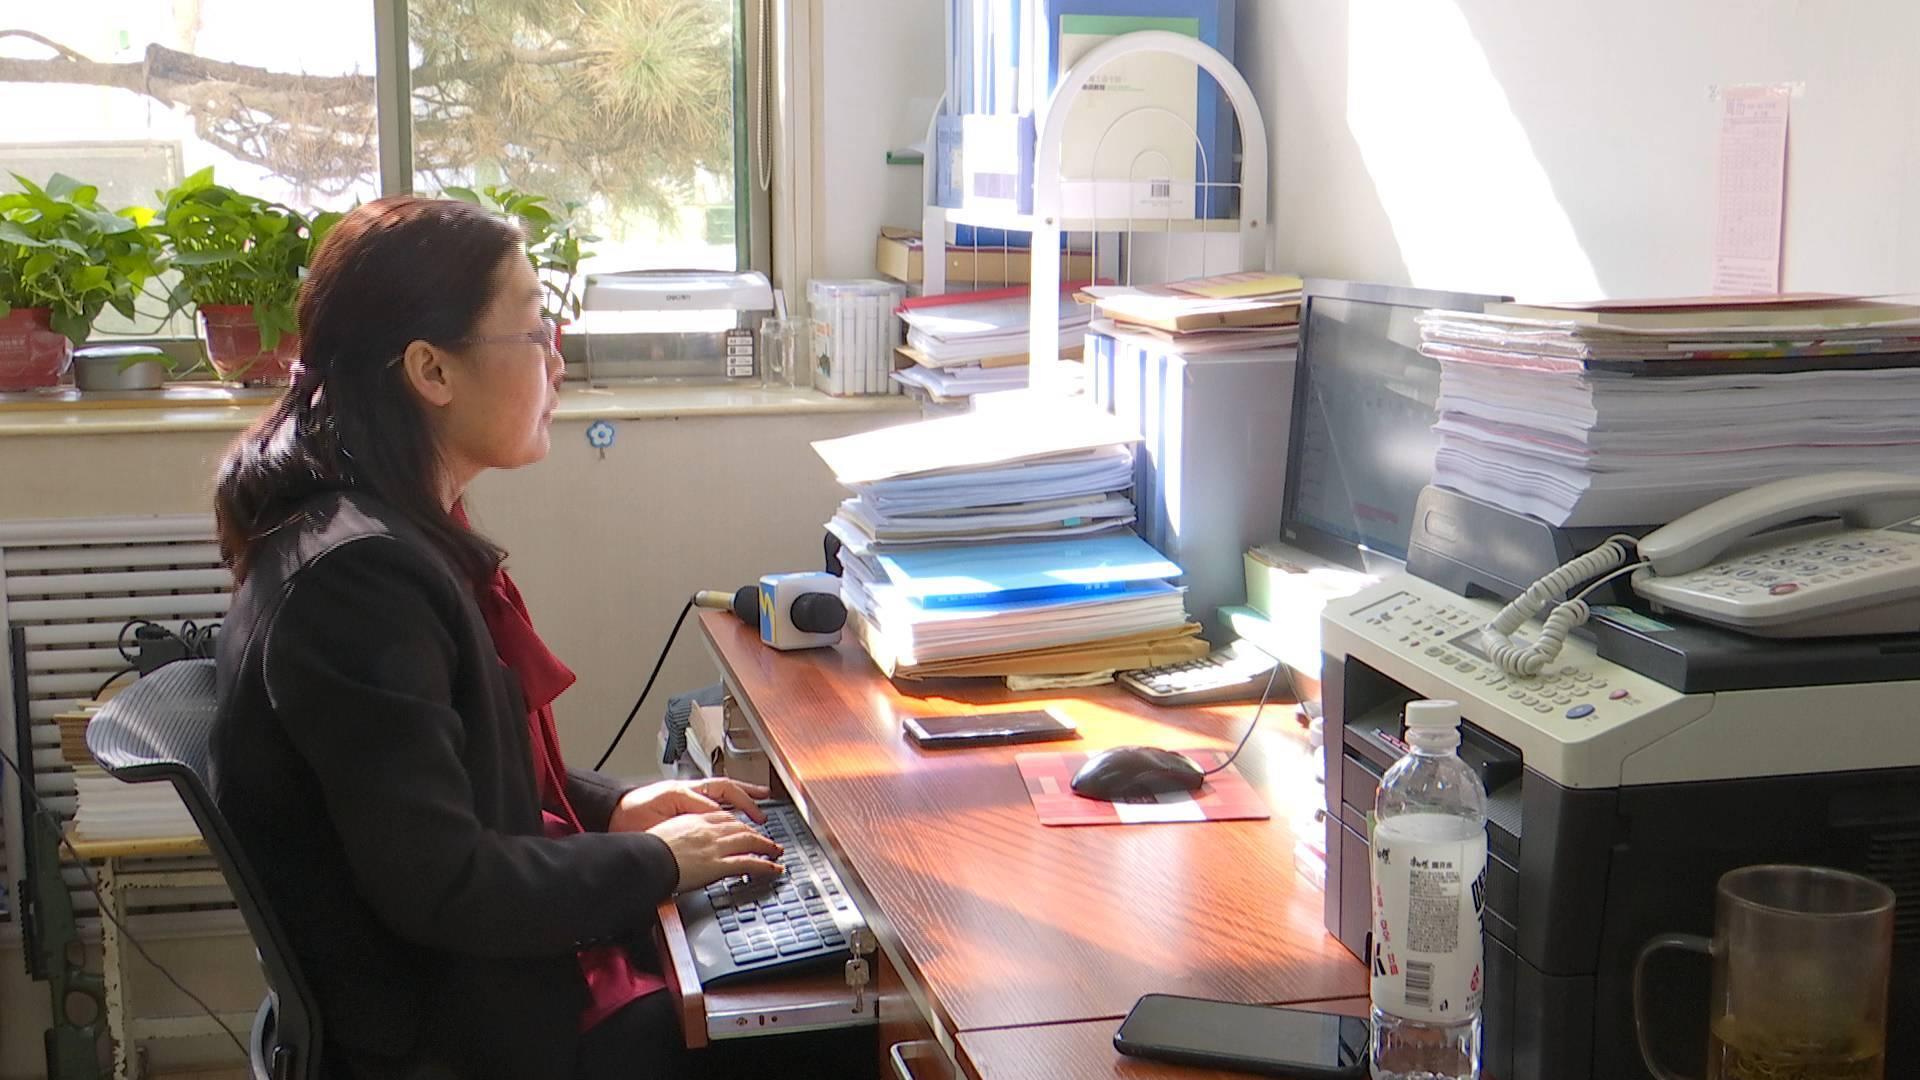 济南一老师坚持每天带领学生读经典:从优秀传统文化中汲取成长的力量